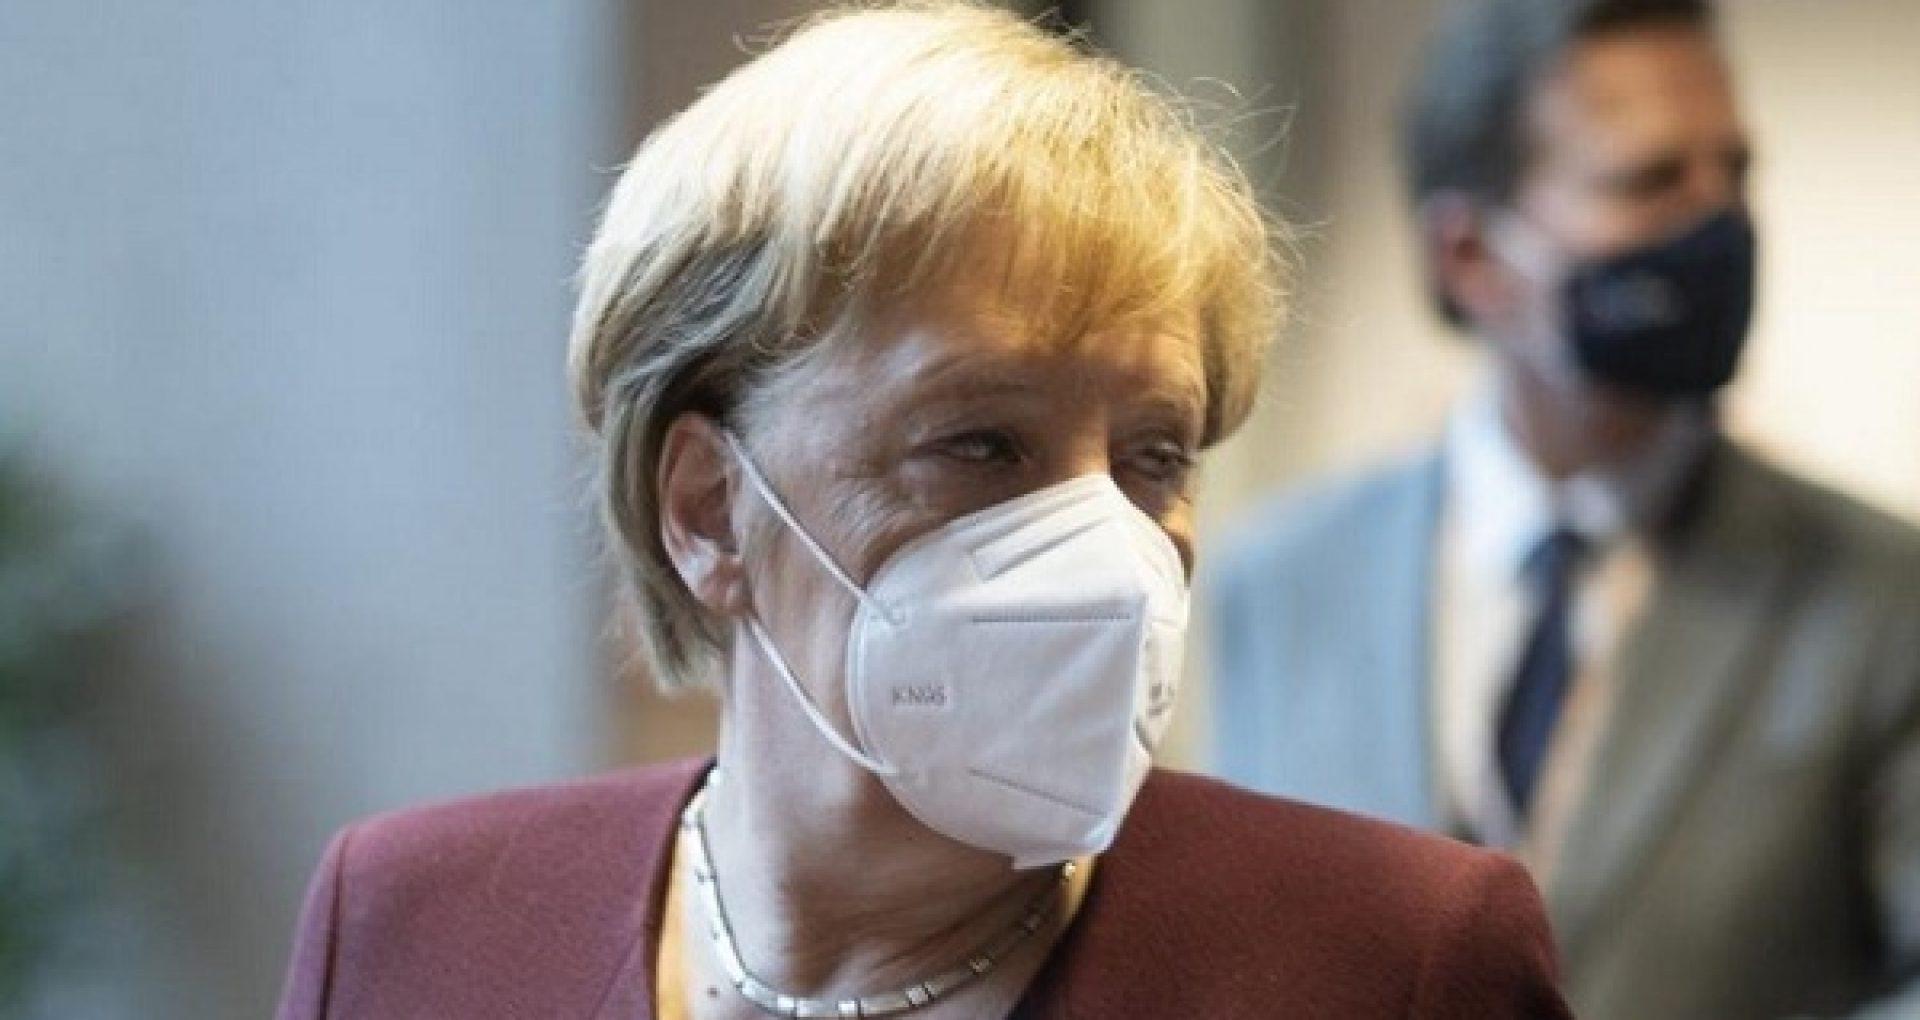 Coronavirus: Cancelarul Angela Merkel preconizează prelungirea restricțiilor până în aprilie